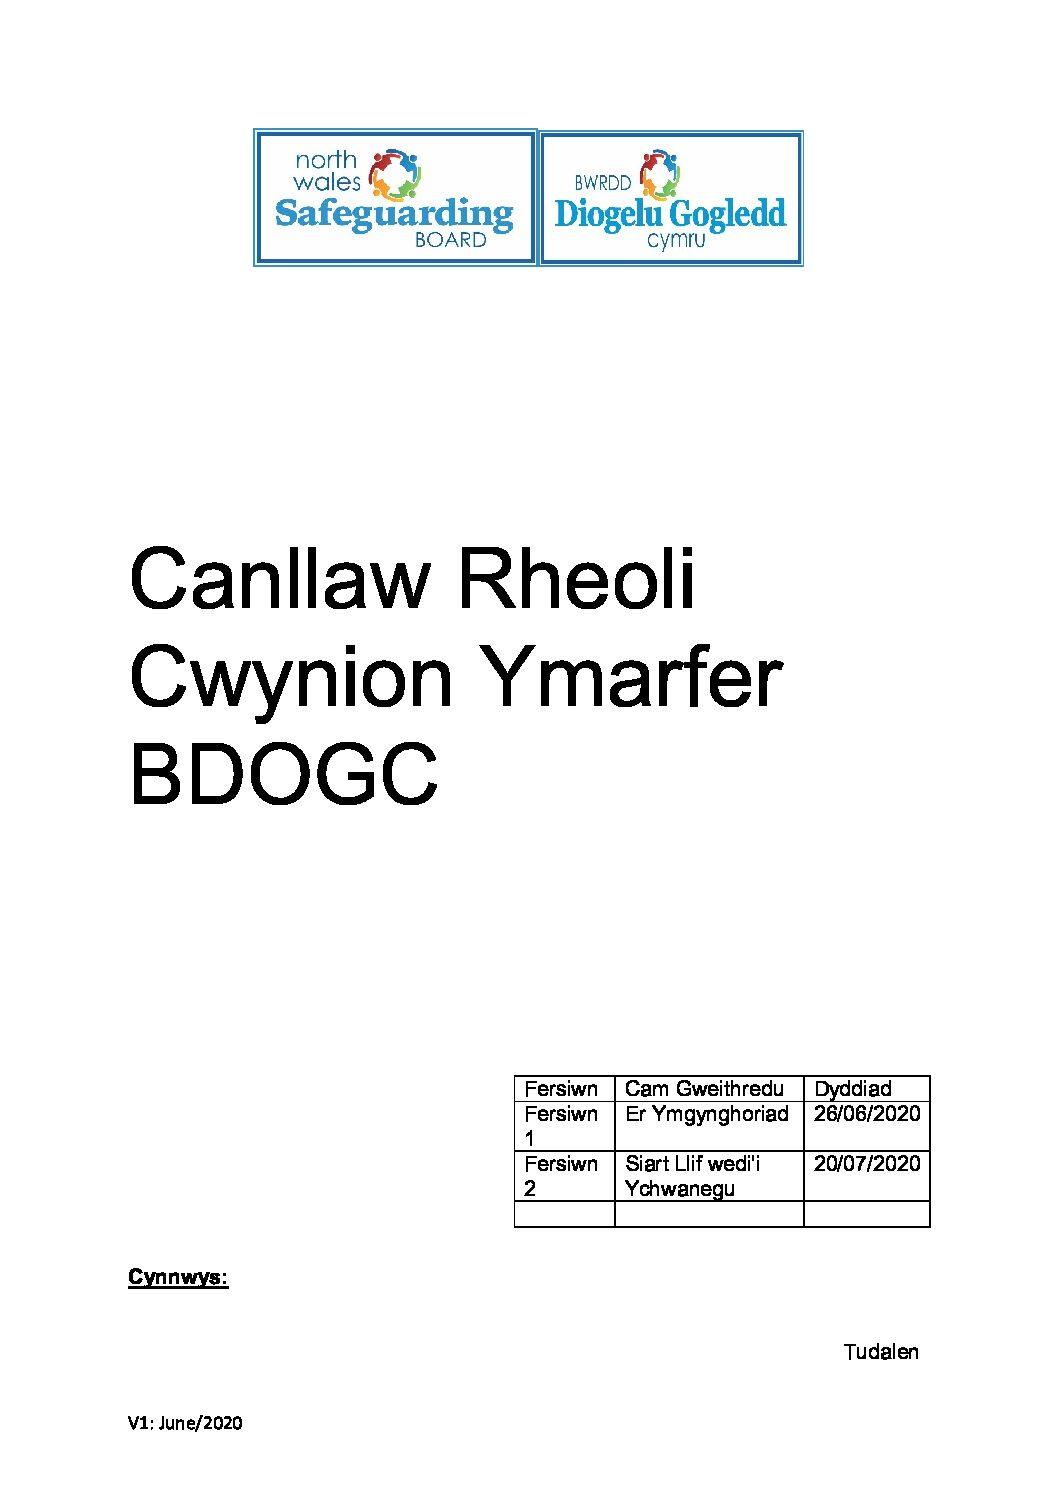 Canllaw Rheoli Cwynion Ymarfer BDOGC